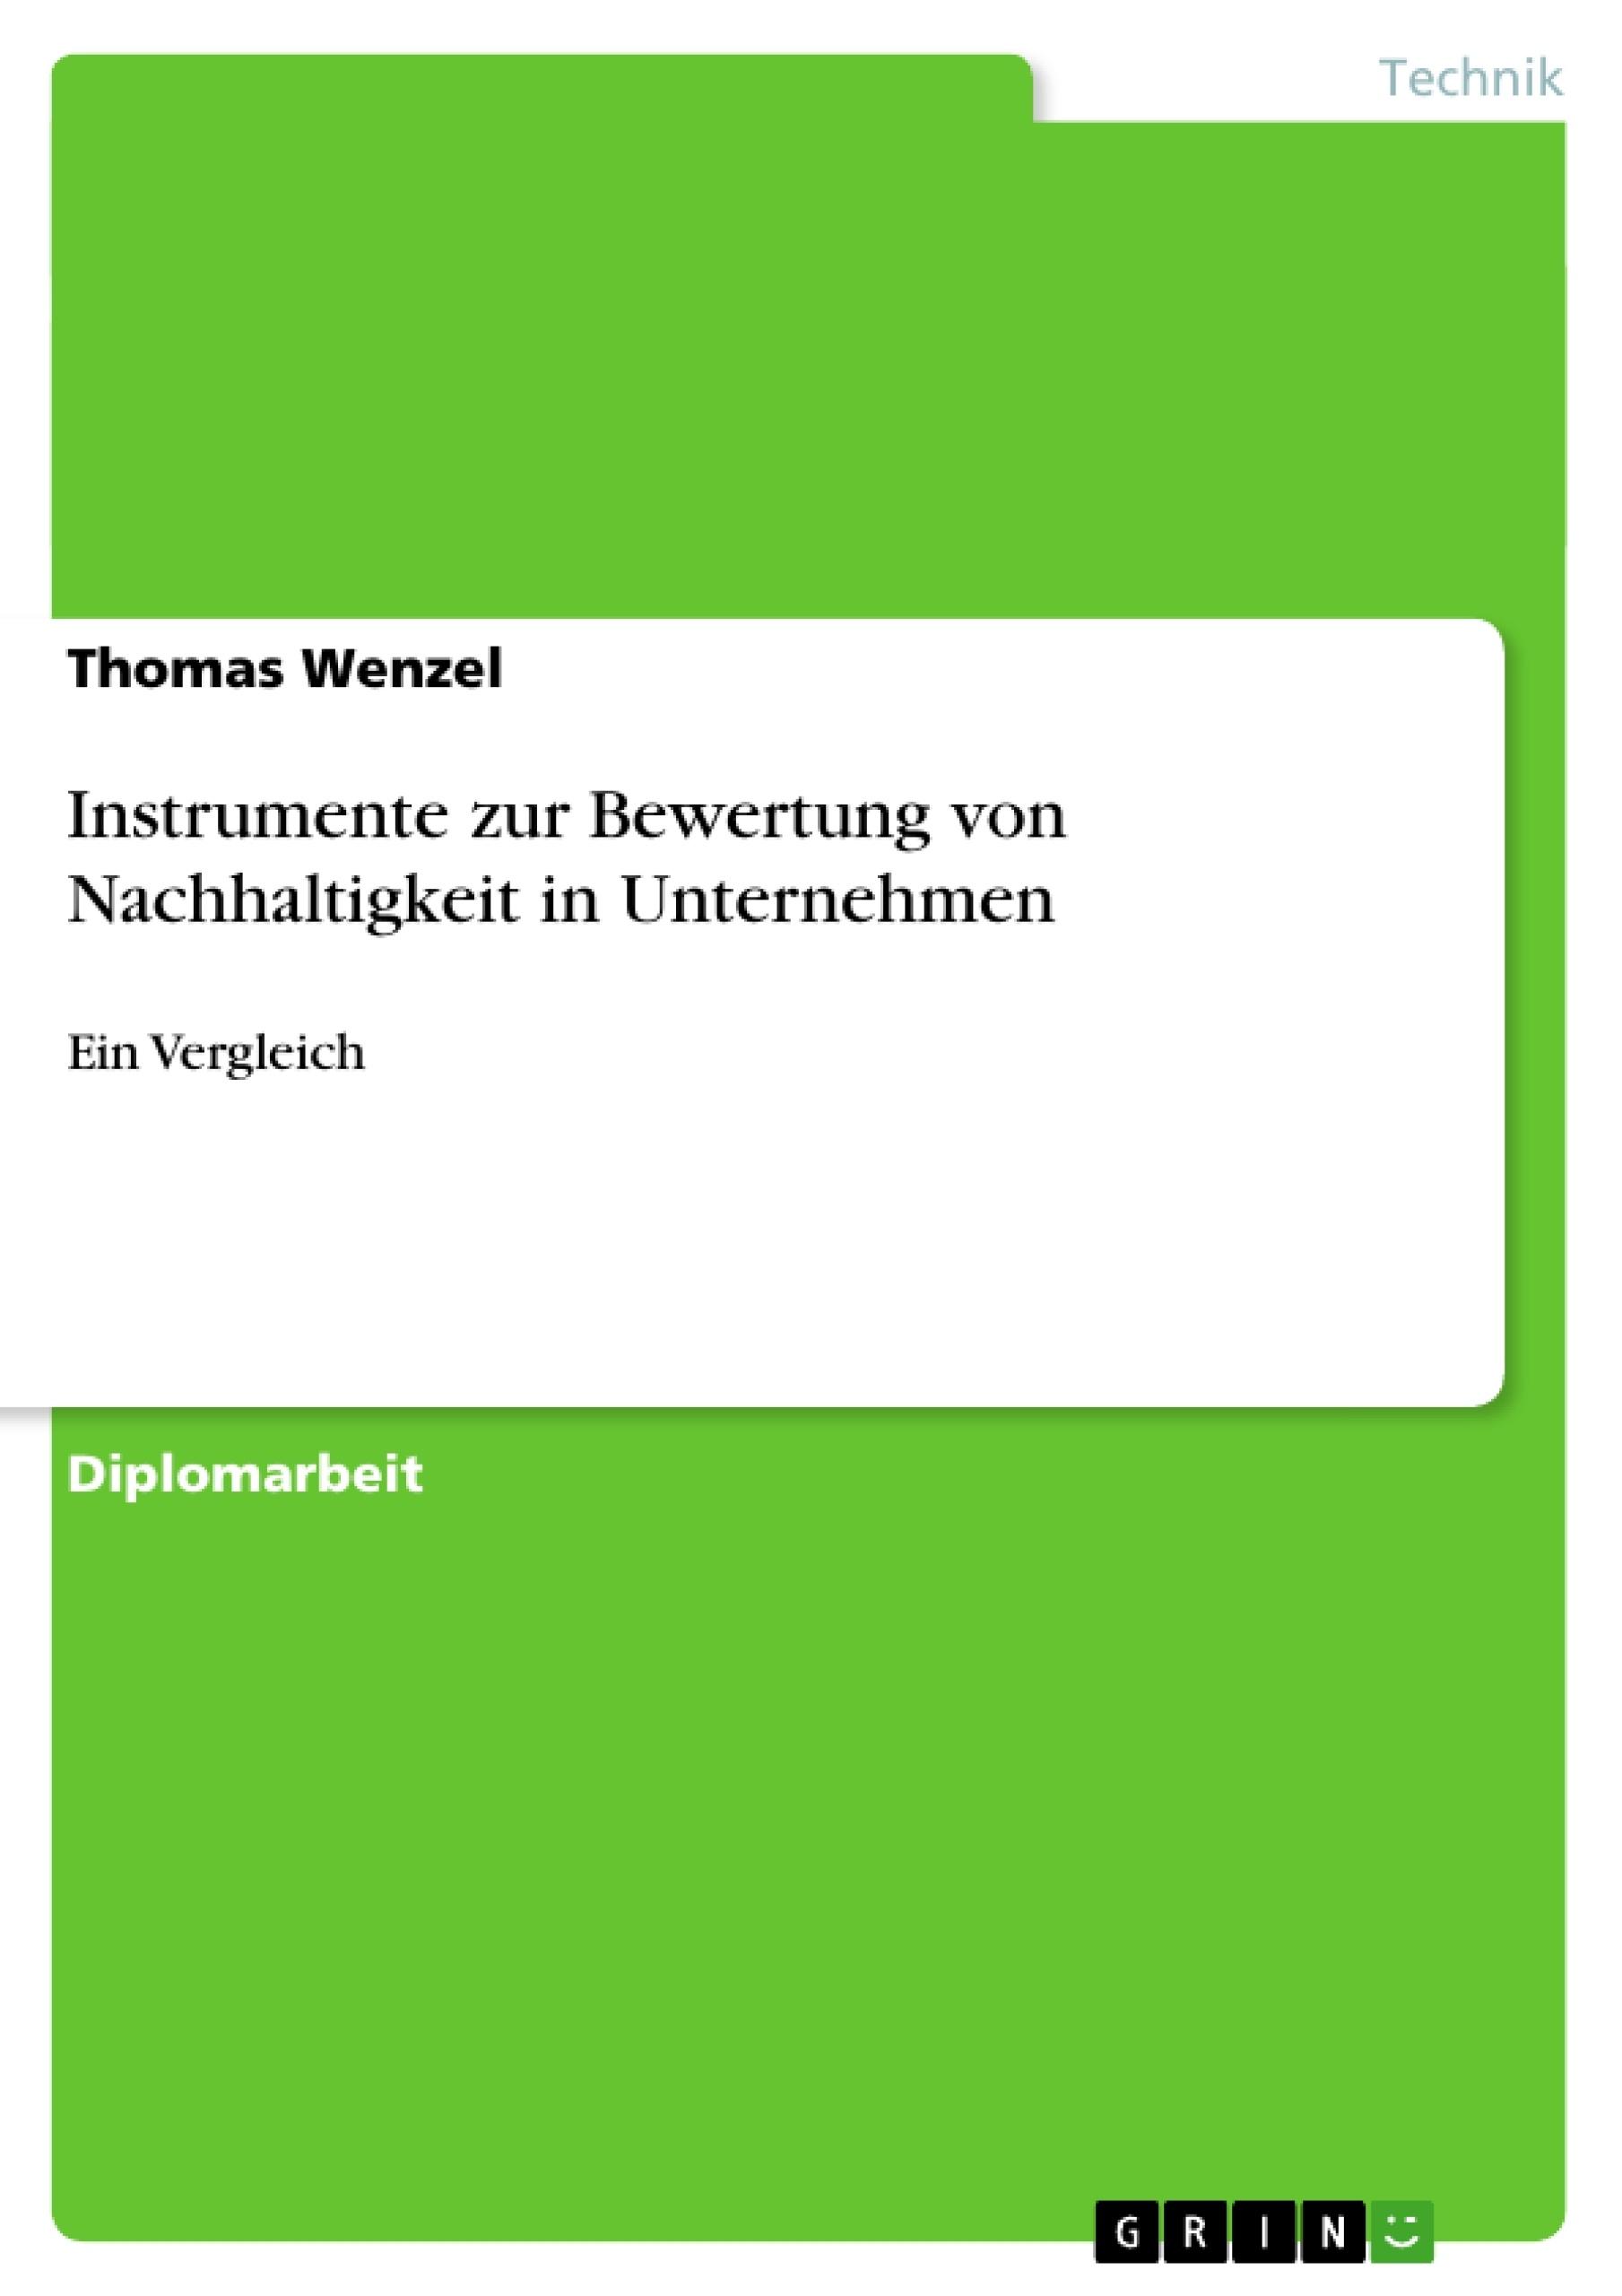 Instrumente Zur Bewertung Von Nachhaltigkeit In Unternehmen ... Nachhaltige Entwicklung Jetzigen Bedurfnisse Befriedigt